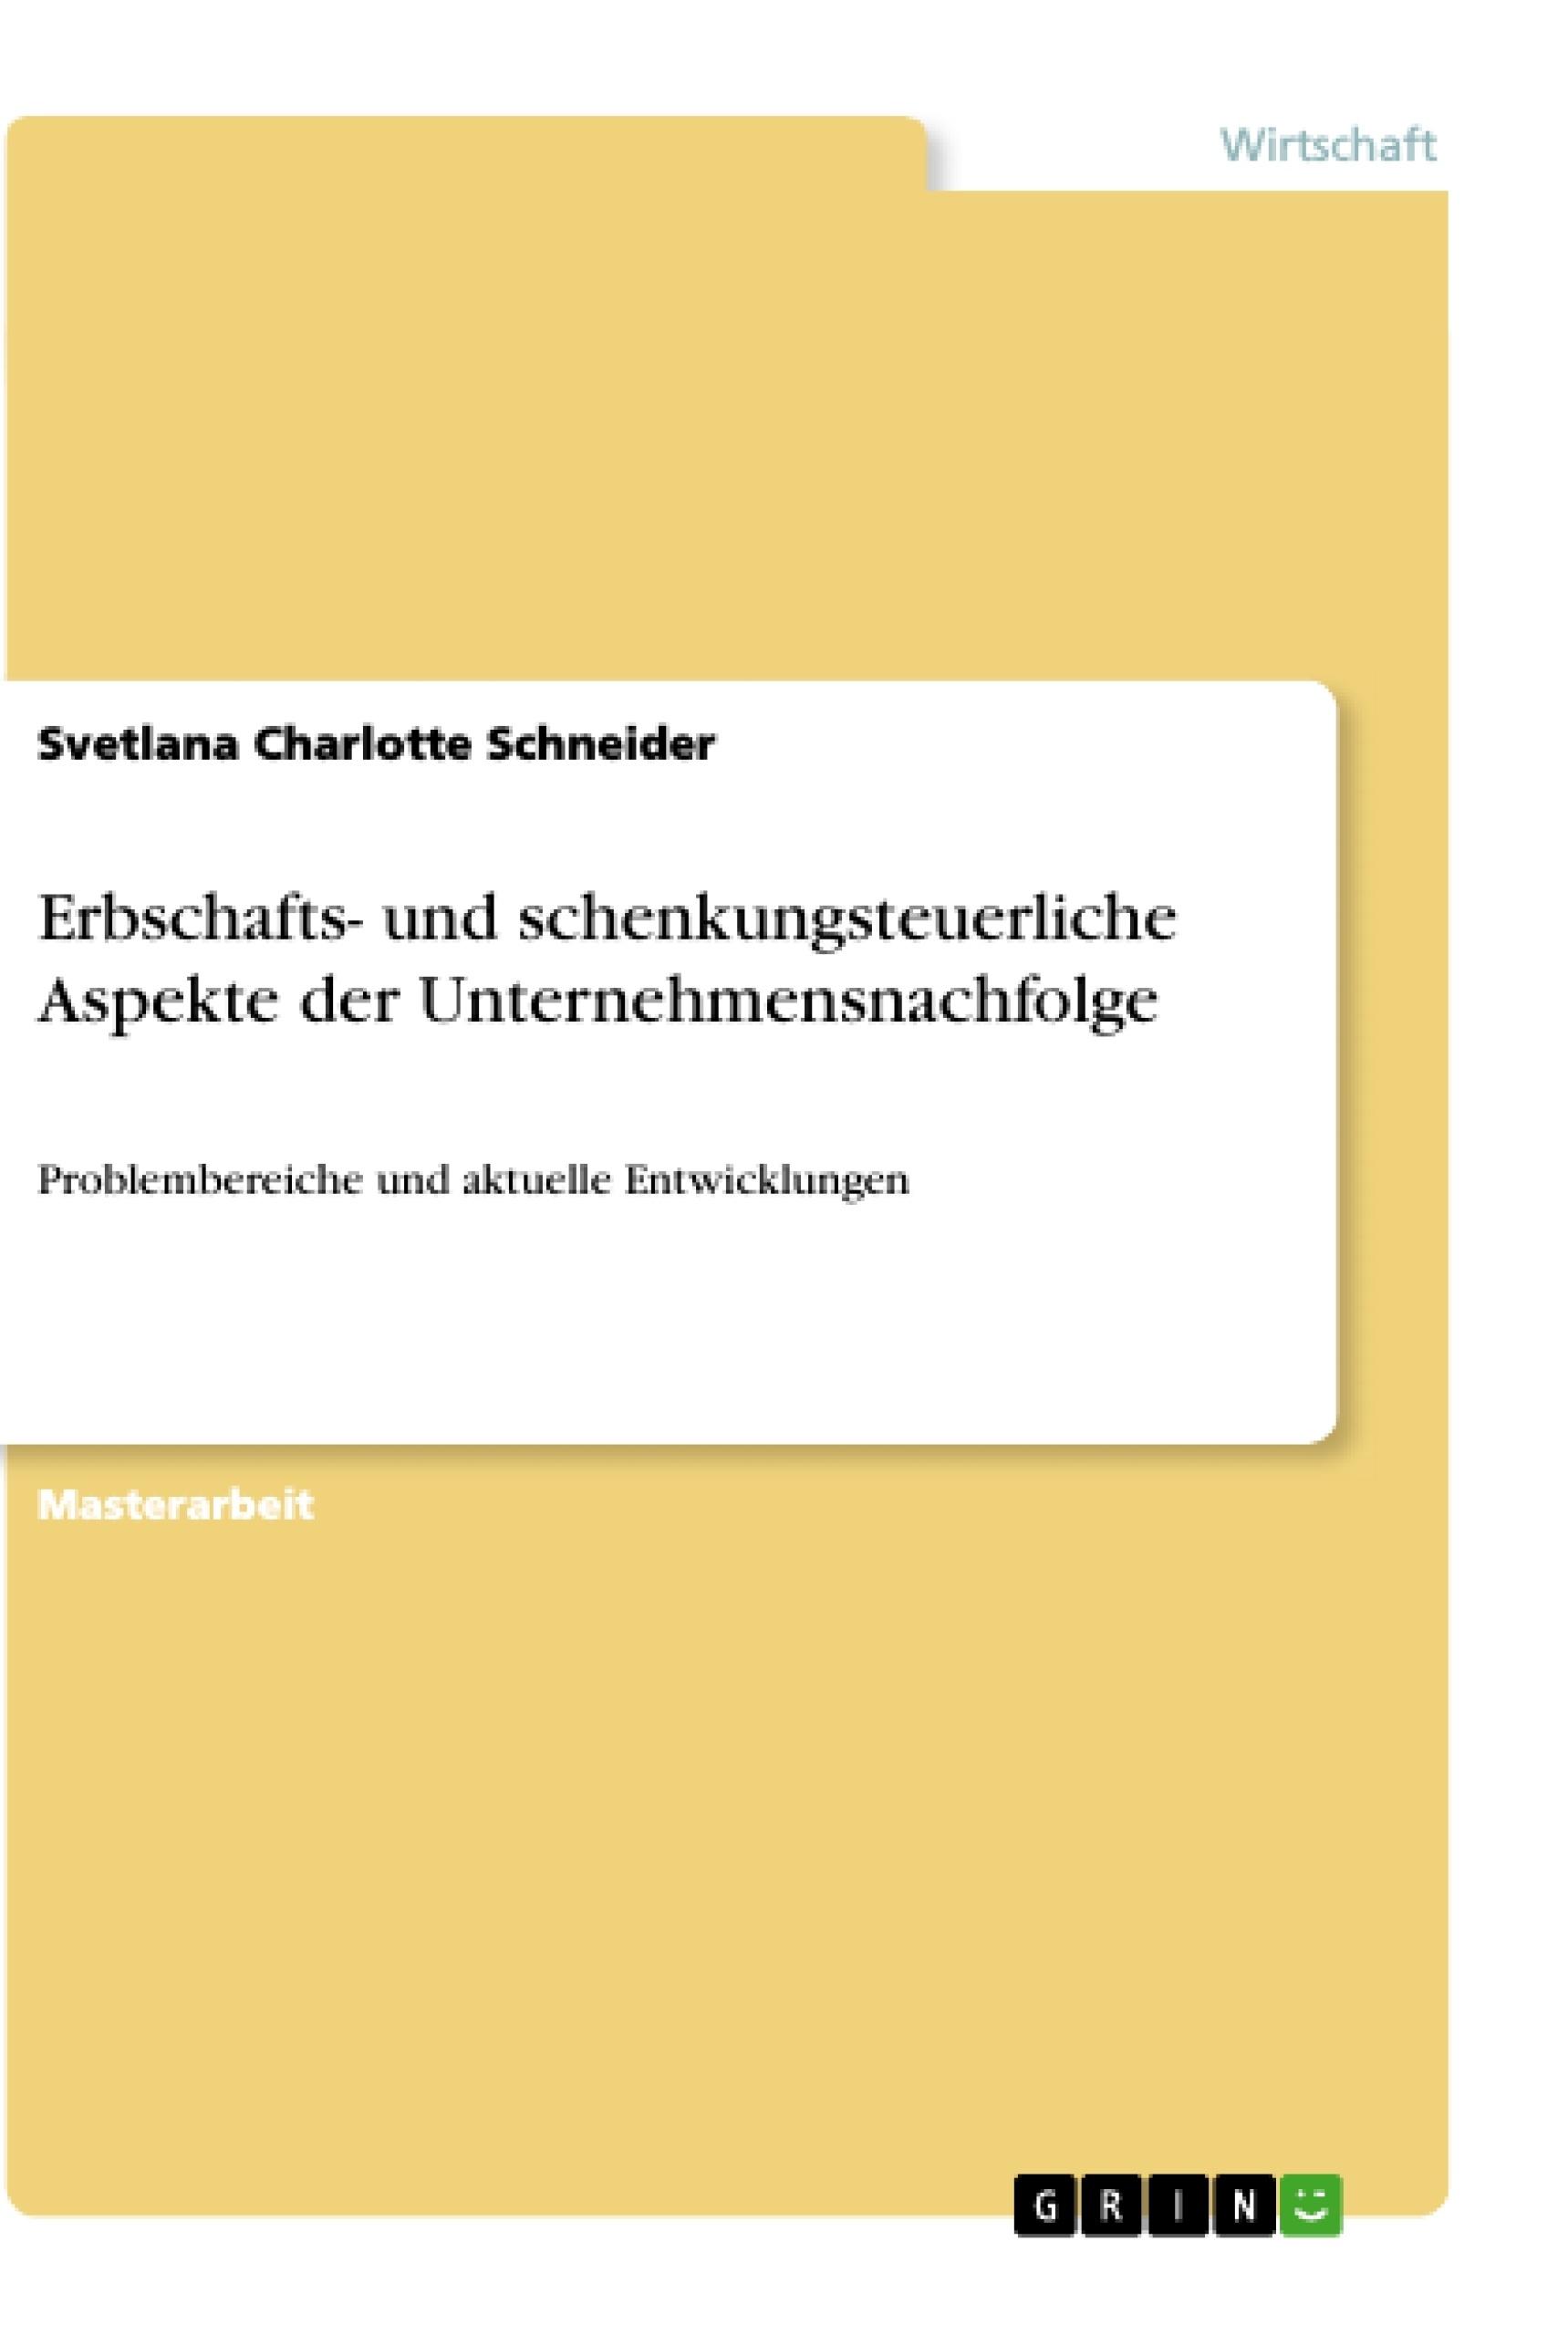 Titel: Erbschafts- und schenkungsteuerliche Aspekte der Unternehmensnachfolge